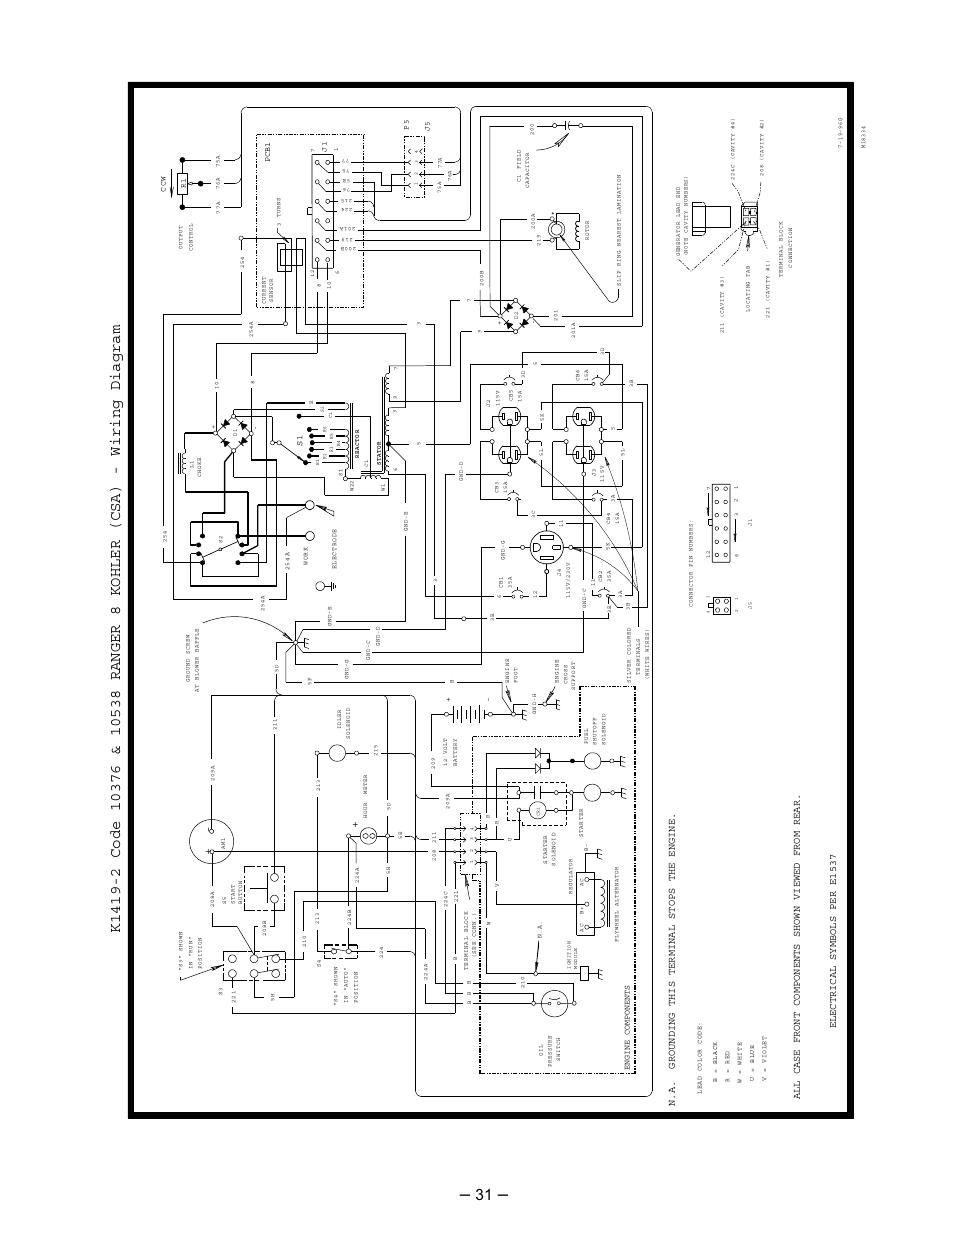 detroit sel wiring schematics engine schematics wiring